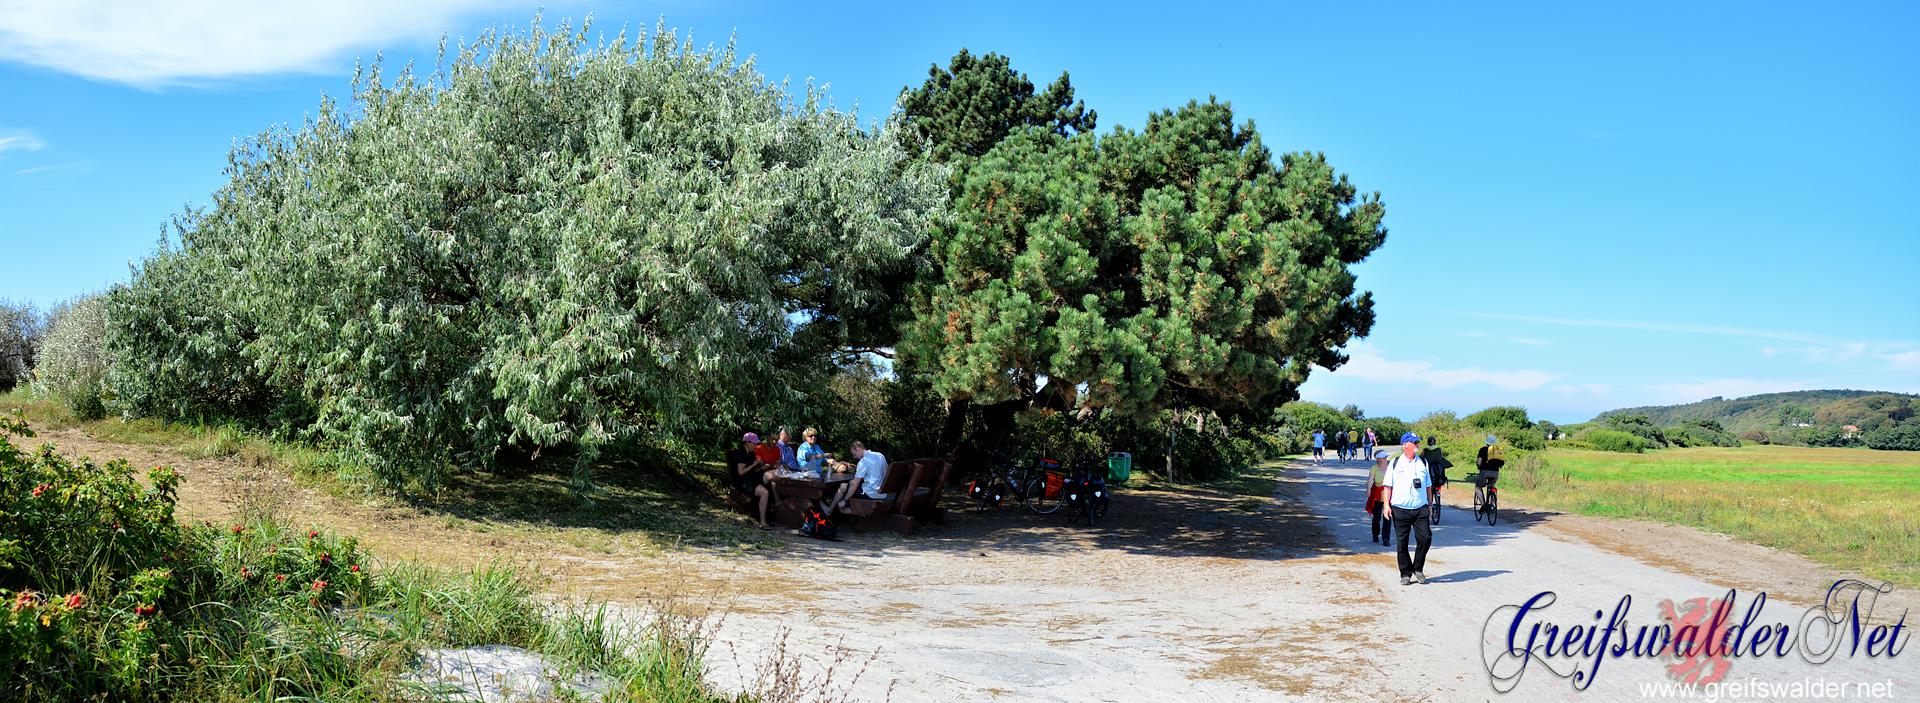 Impressionen von der Insel Hiddensee